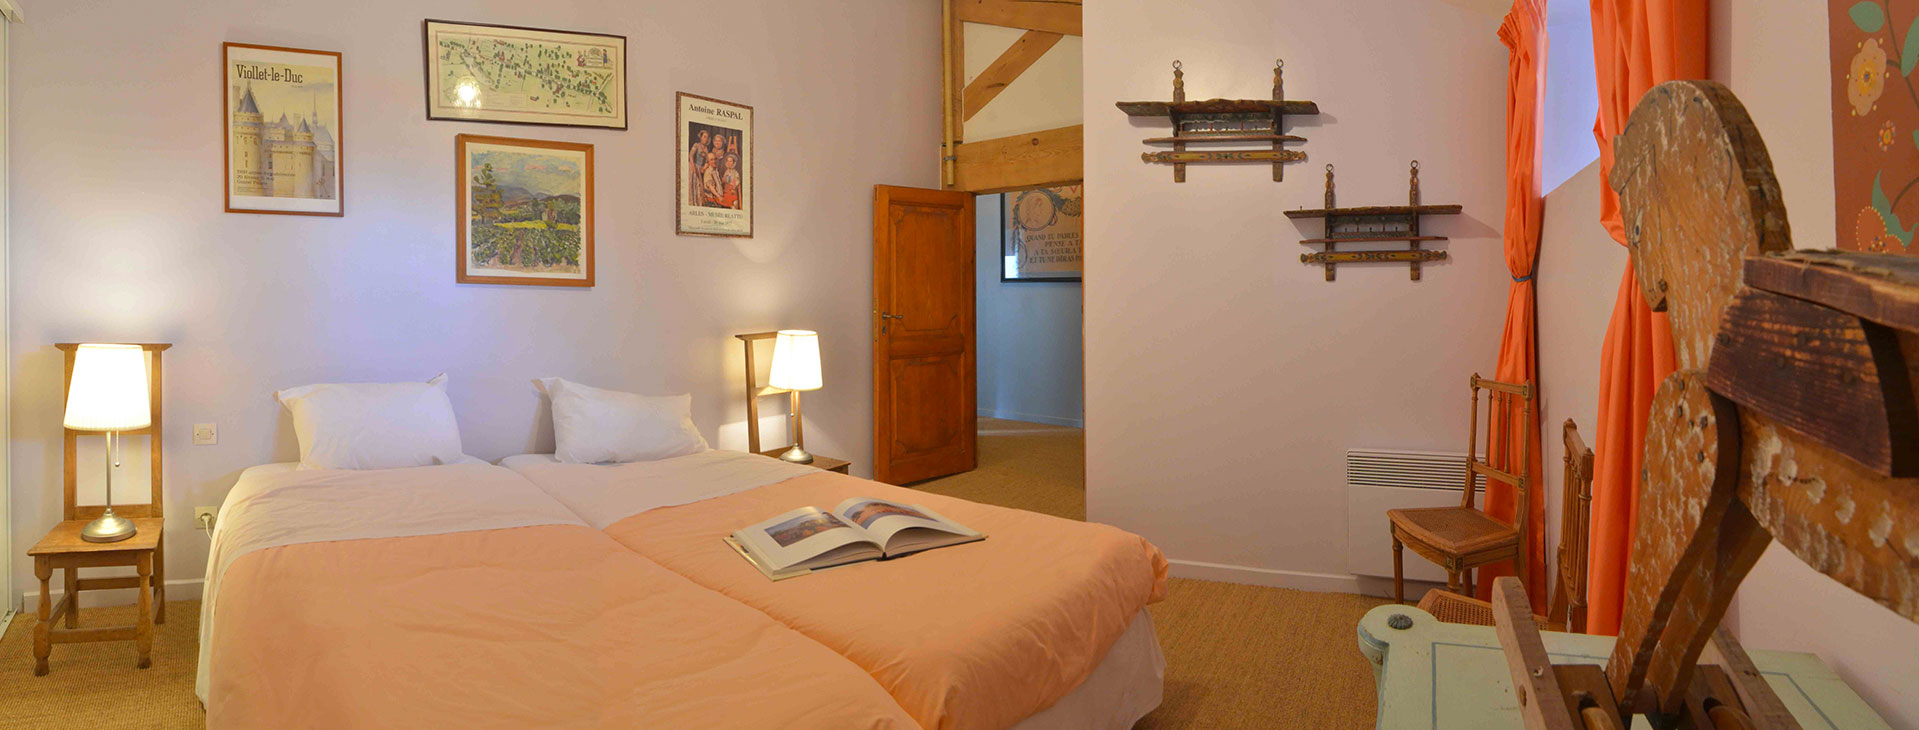 Chambre Shaker / Shaker bedroom